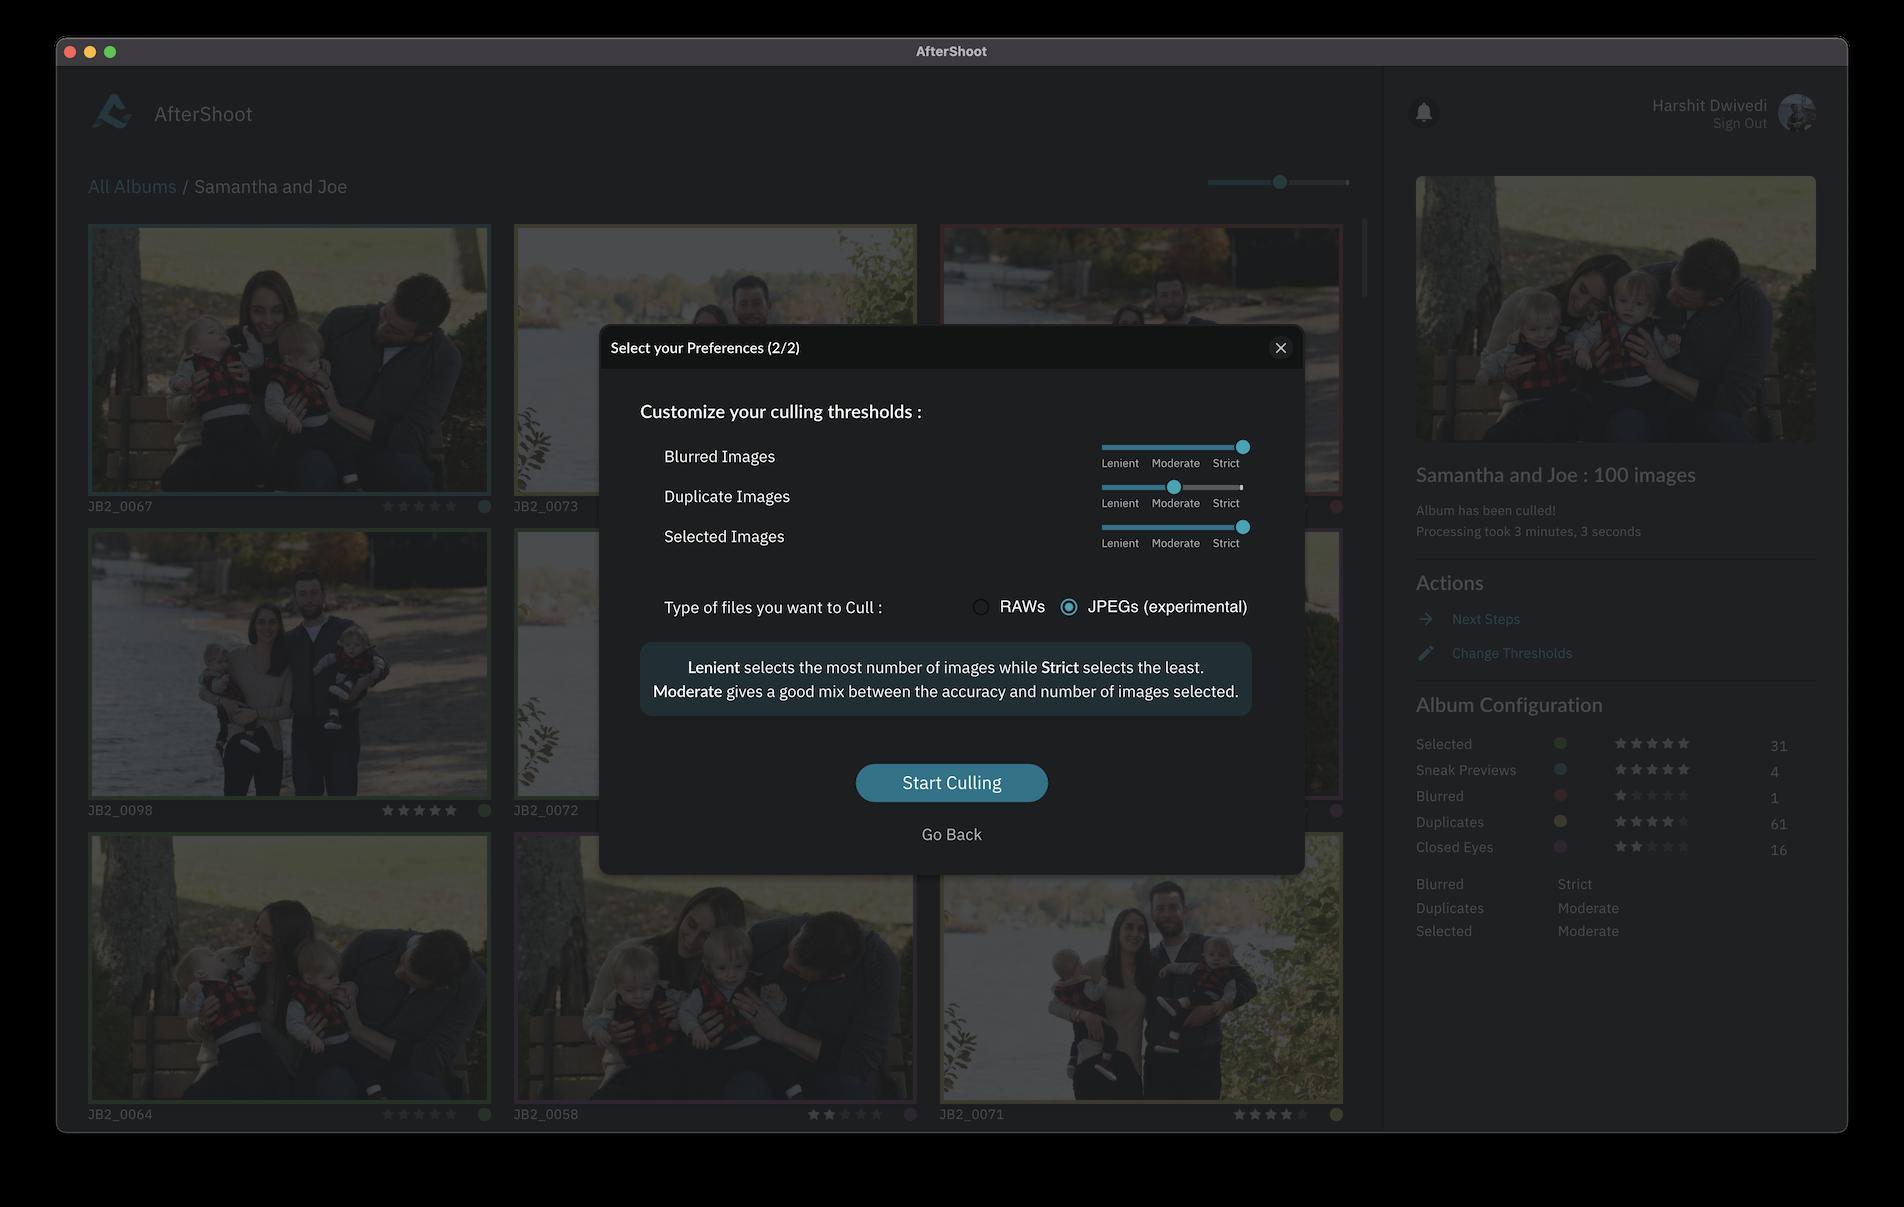 Screenshot of AfterShoot Filter screen